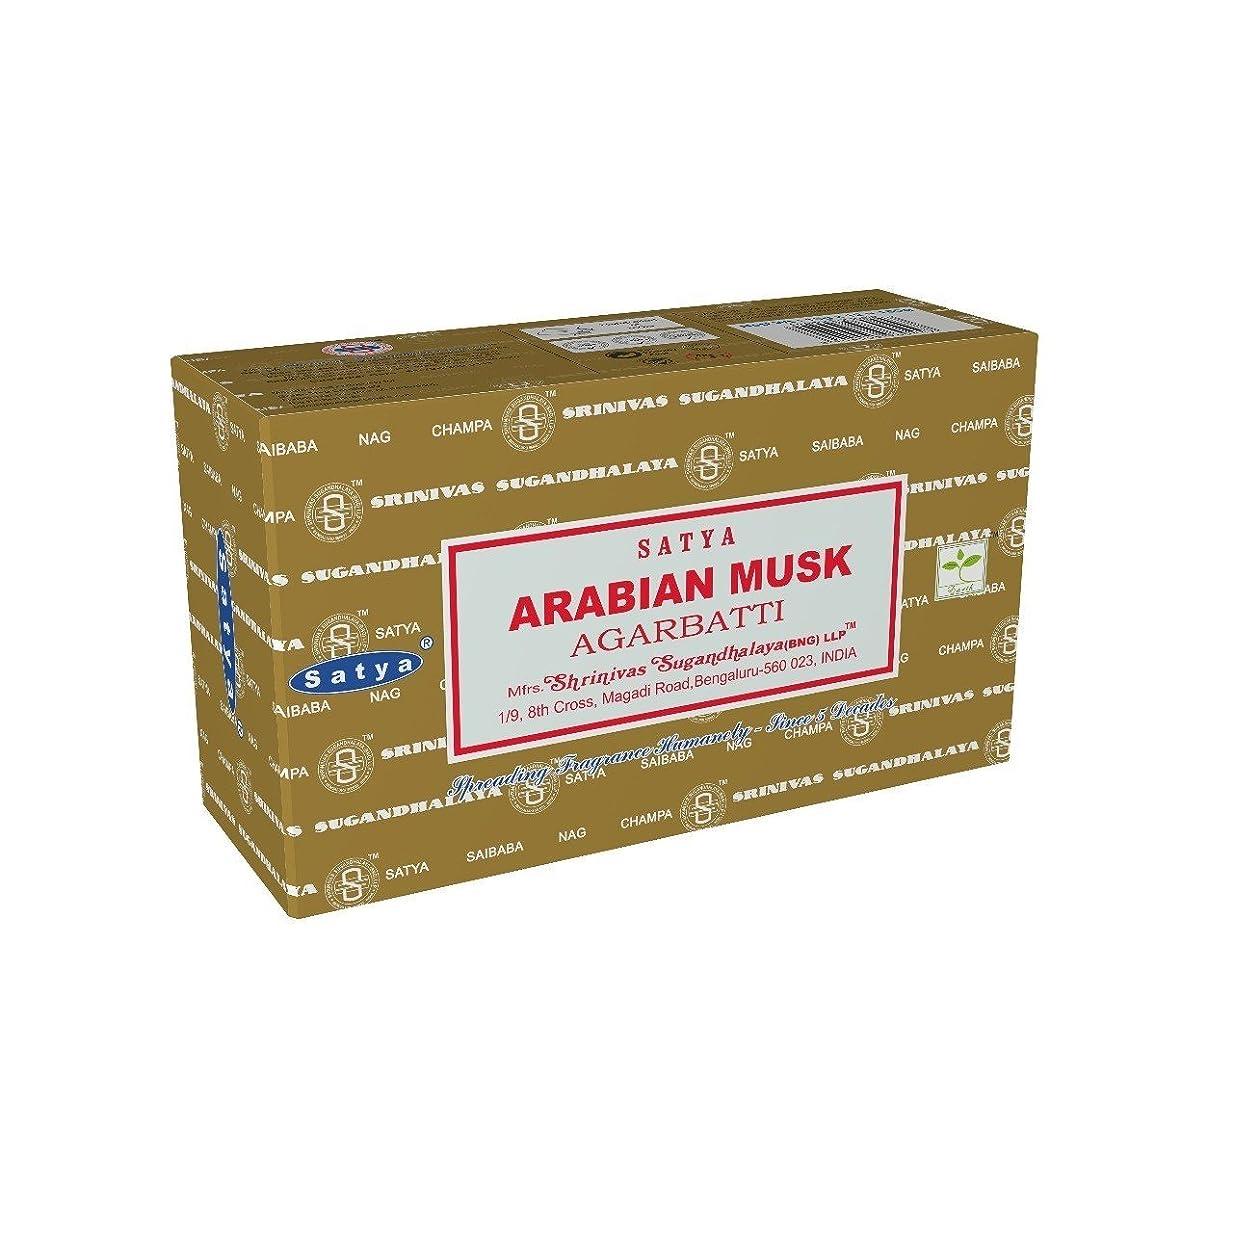 広がり葉お気に入りSatya Bangalore (BNG) アラビア産ムスクお香スティック 12箱 x 15g (合計180グラム)